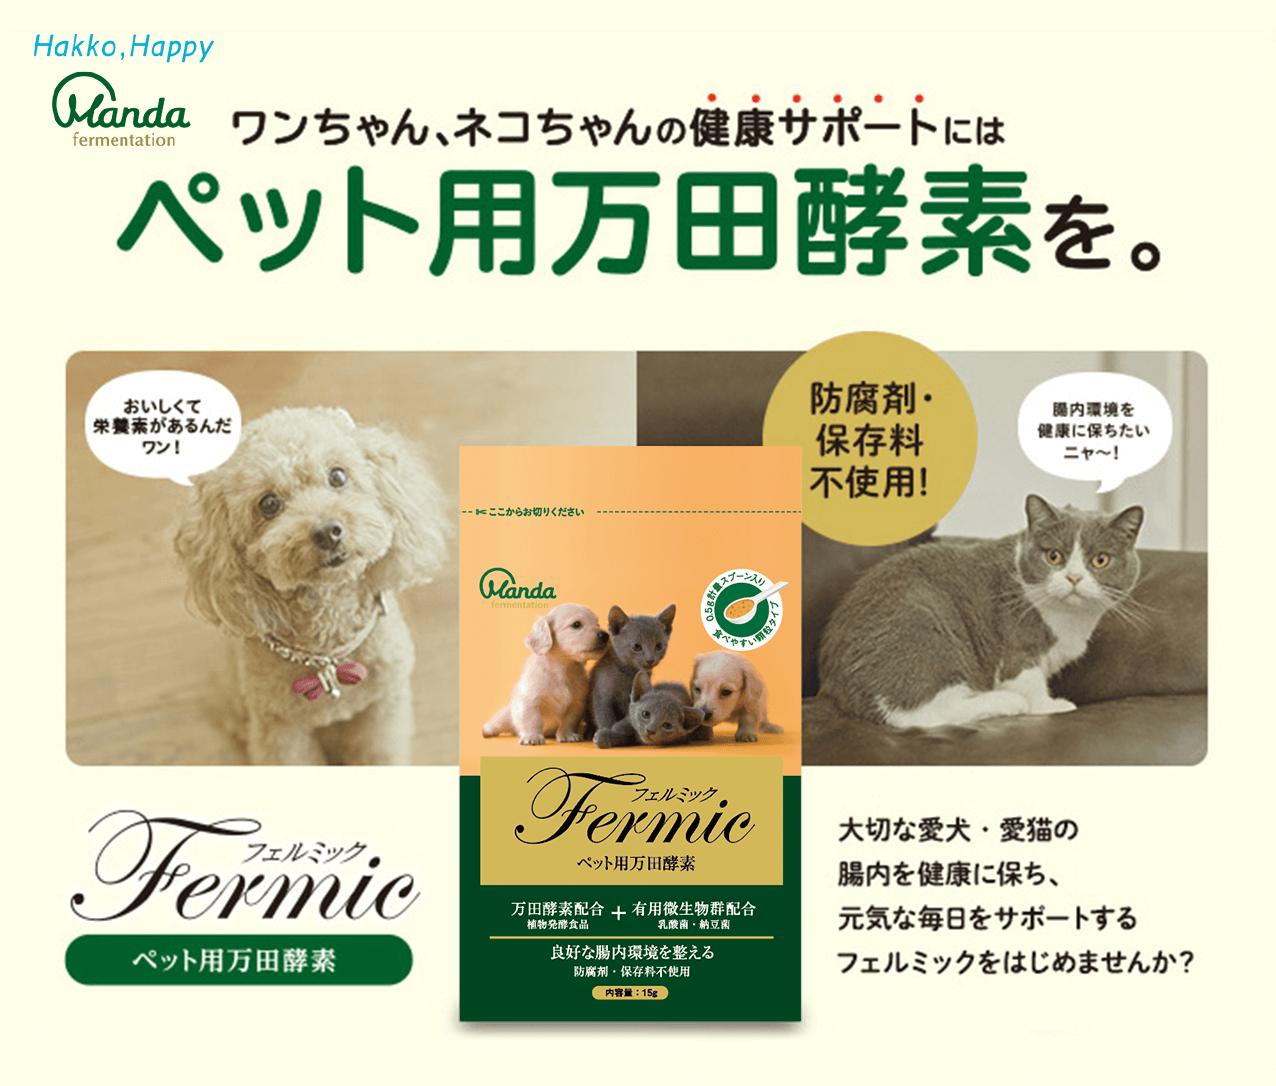 ワンちゃん、ネコちゃんの健康サポートにはペット用万田酵素を。